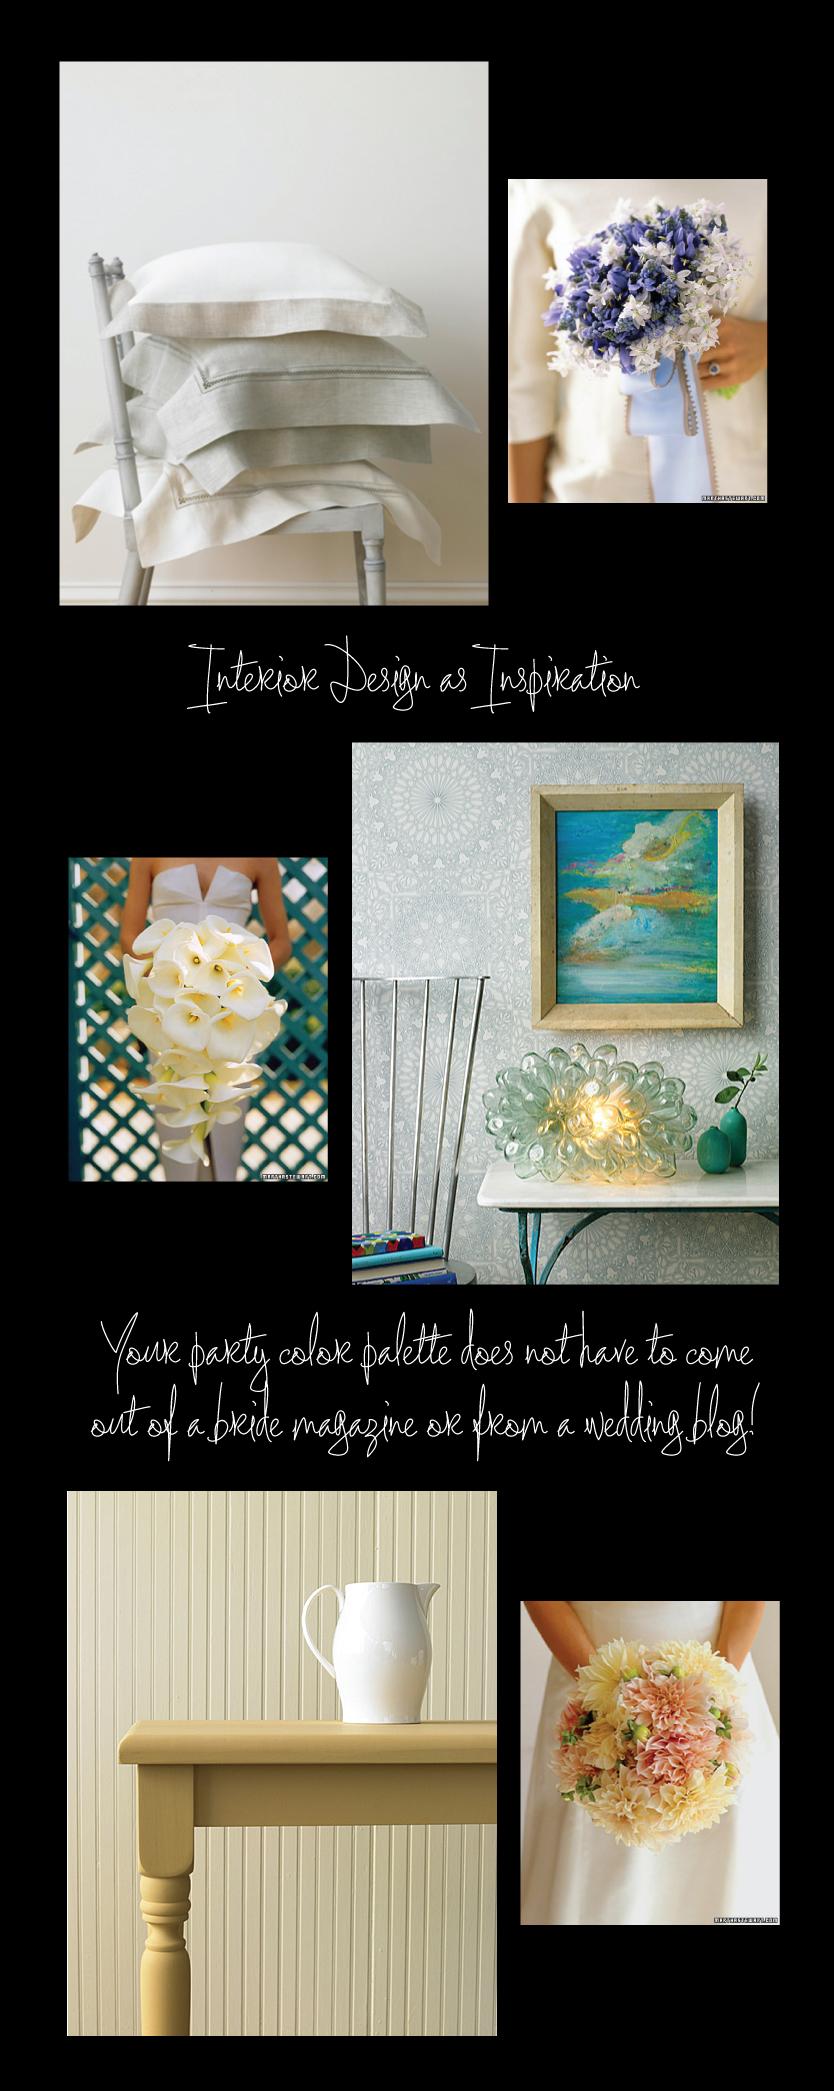 Interior Design as Inspiration